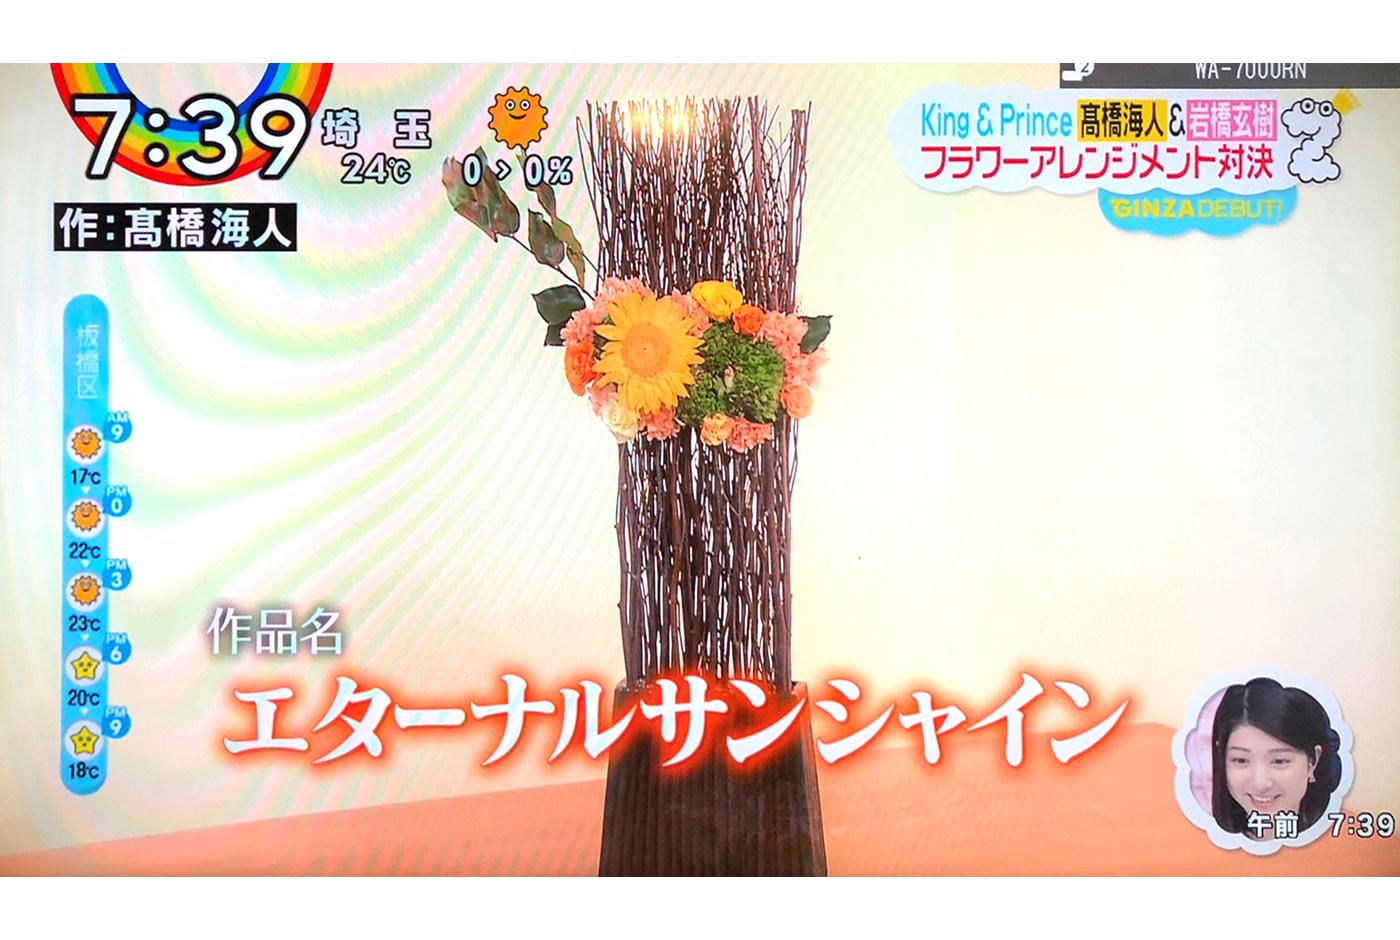 日本テレビZIP!ベル・フルール銀座本店にて撮影